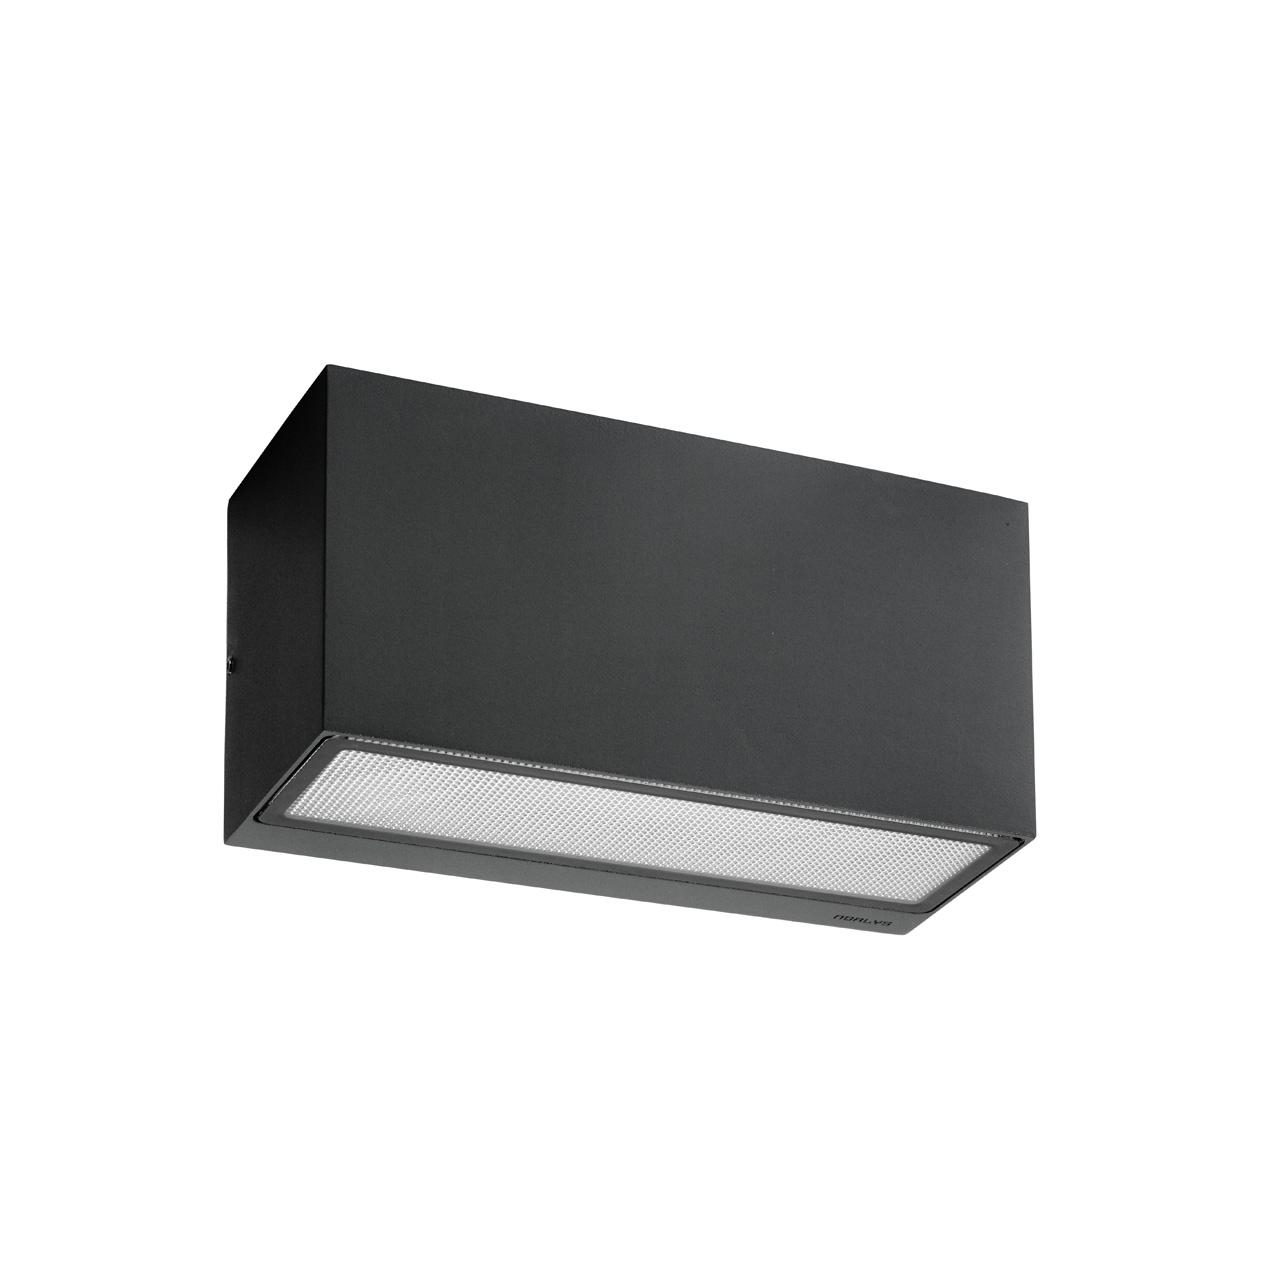 Applique Extérieure Eclairage Haut Et Bas spots et double spots à led pour éclairage de cuisine